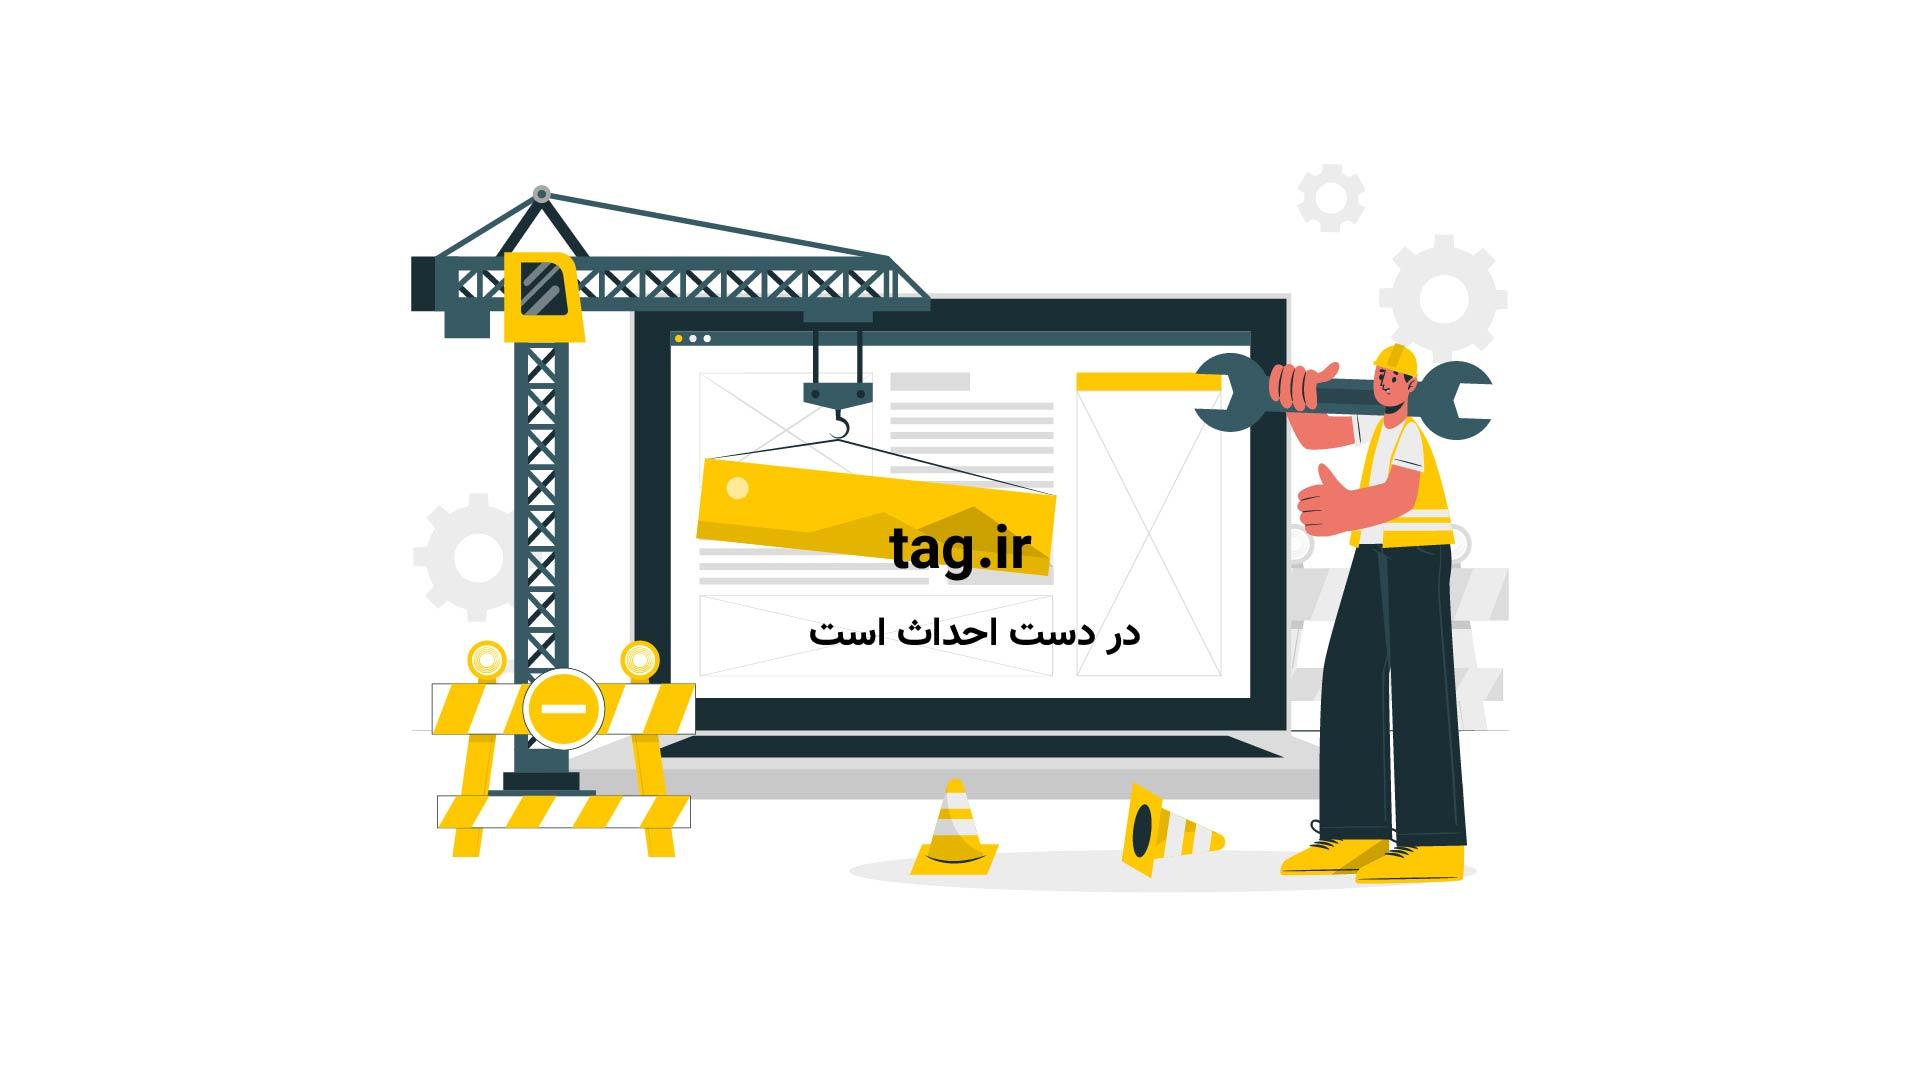 قفل گذار اپلیکیشن های موبایل